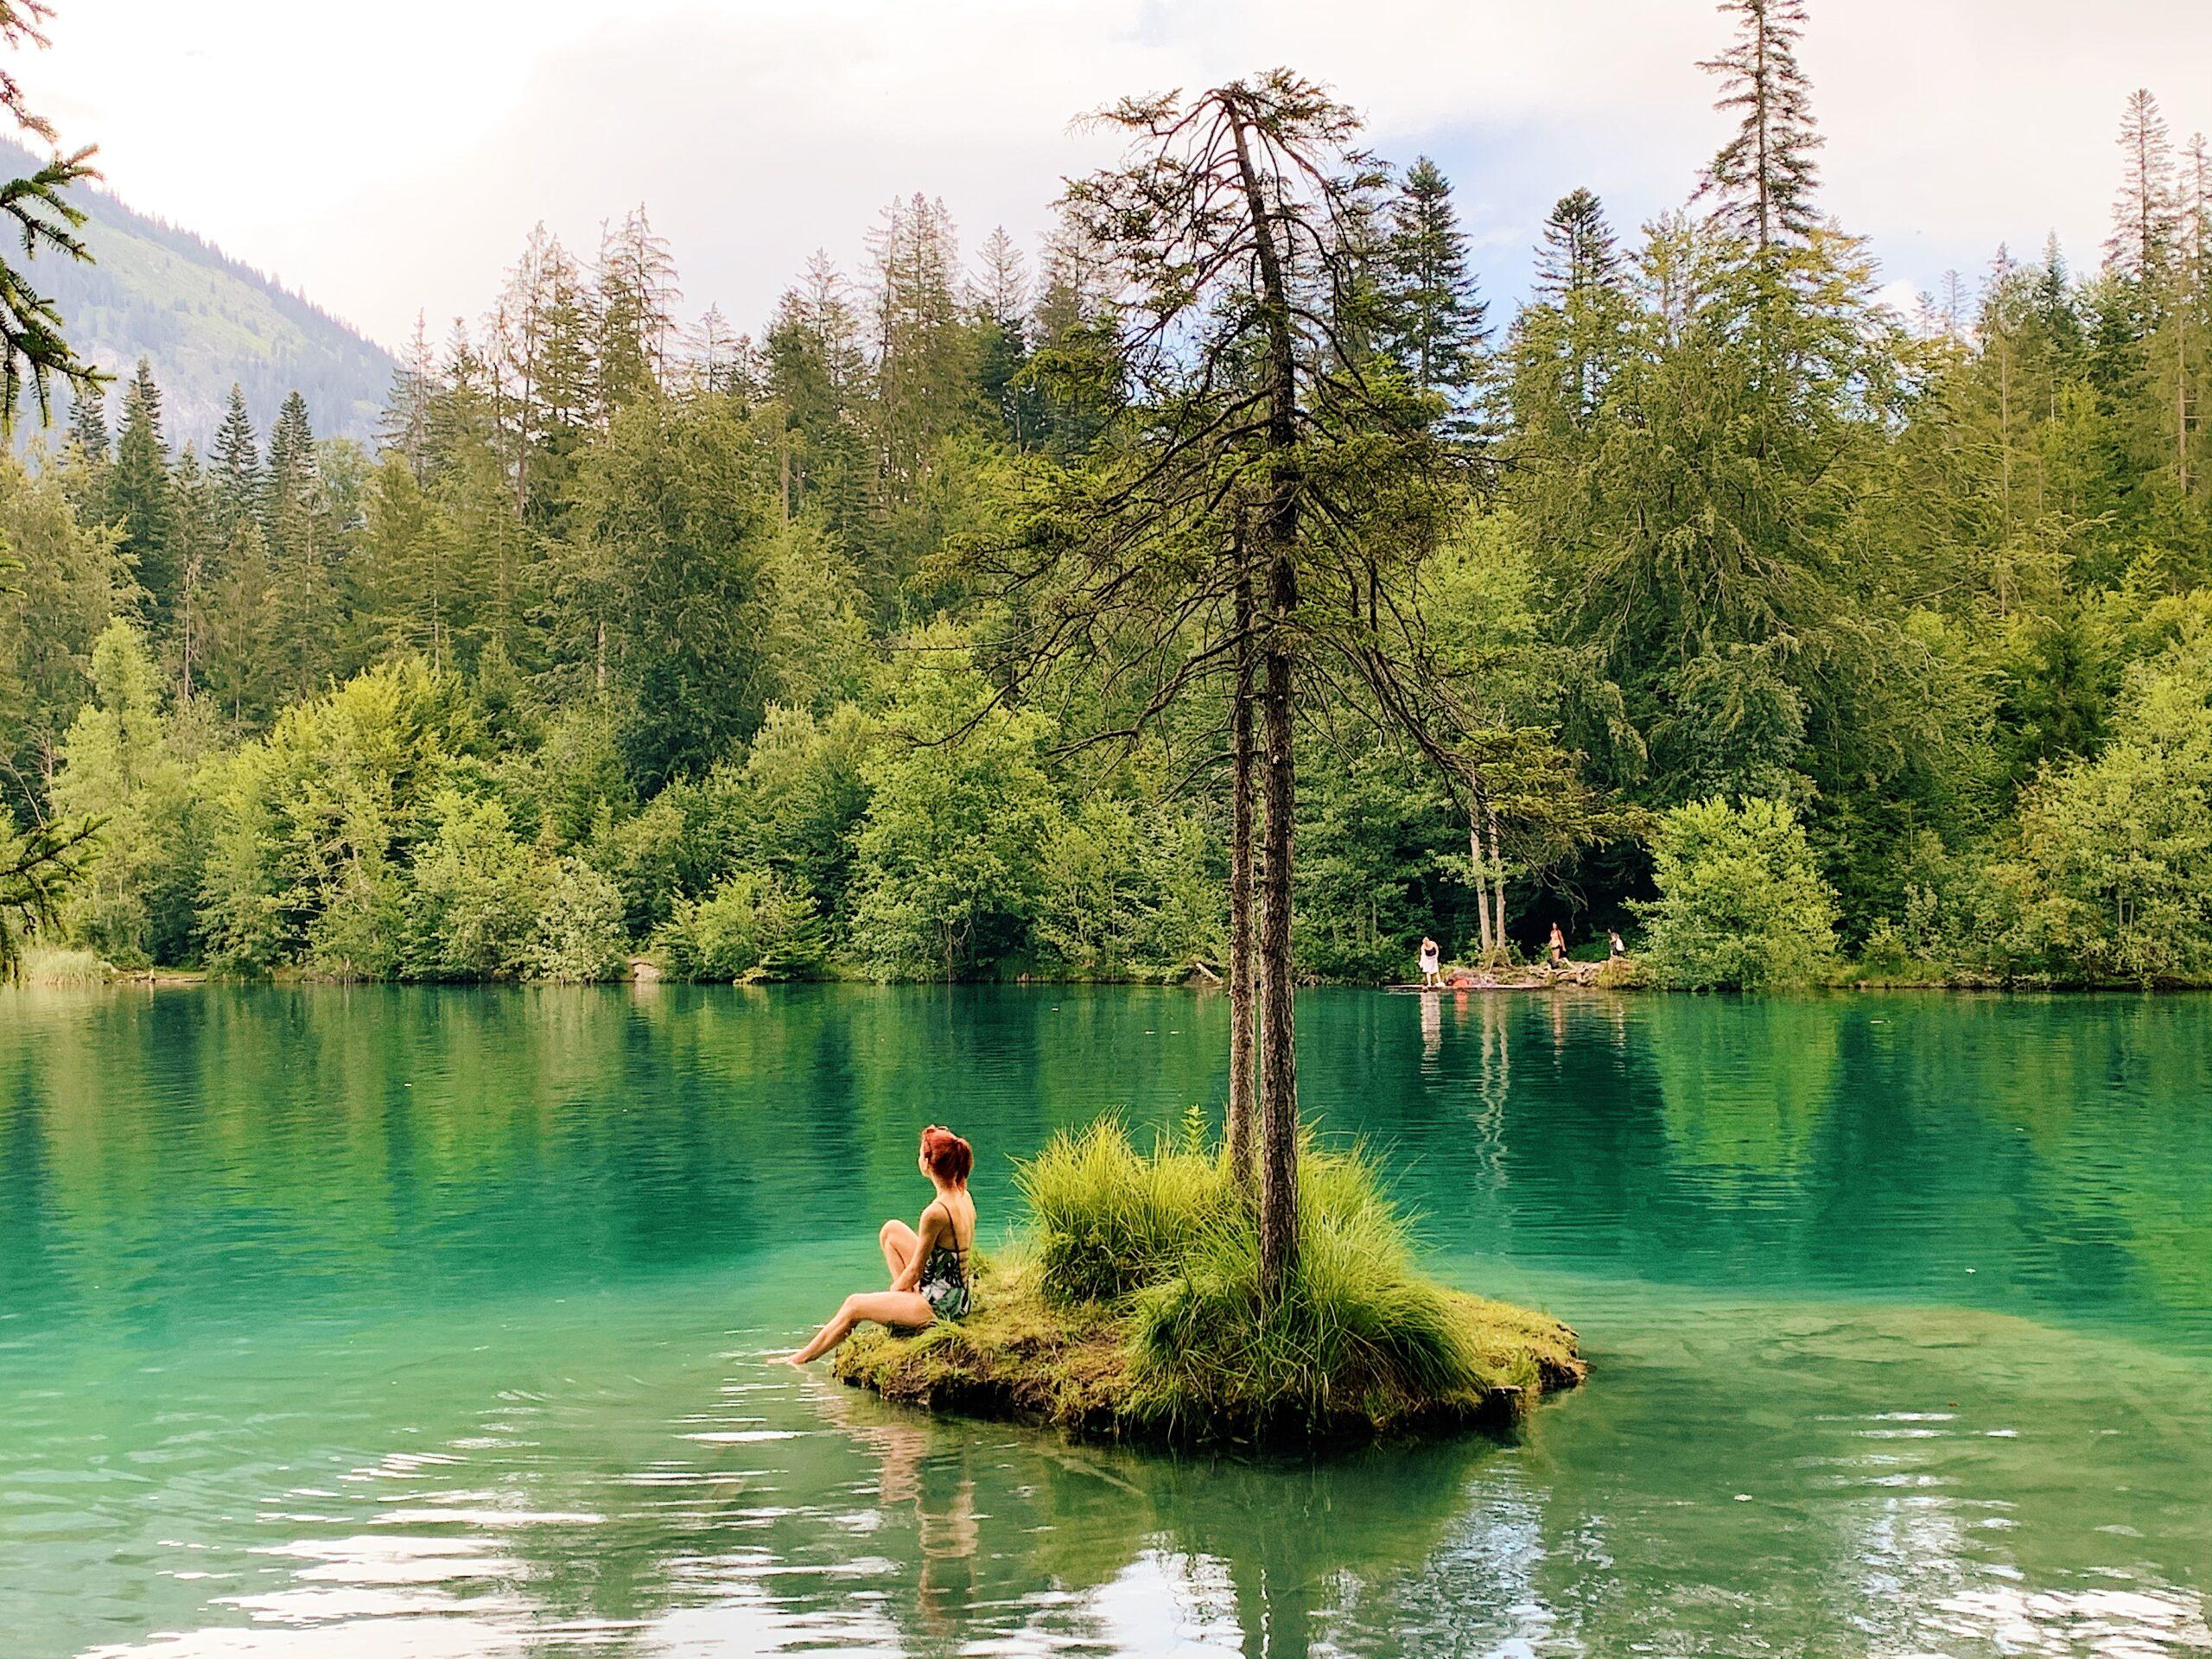 LAAX-Sommer-Wandern-Naturellymichaela_16-1-scaled Sommer in Graubünden – Natur, Abenteuer & Greenstyle in der schönsten Bergregion